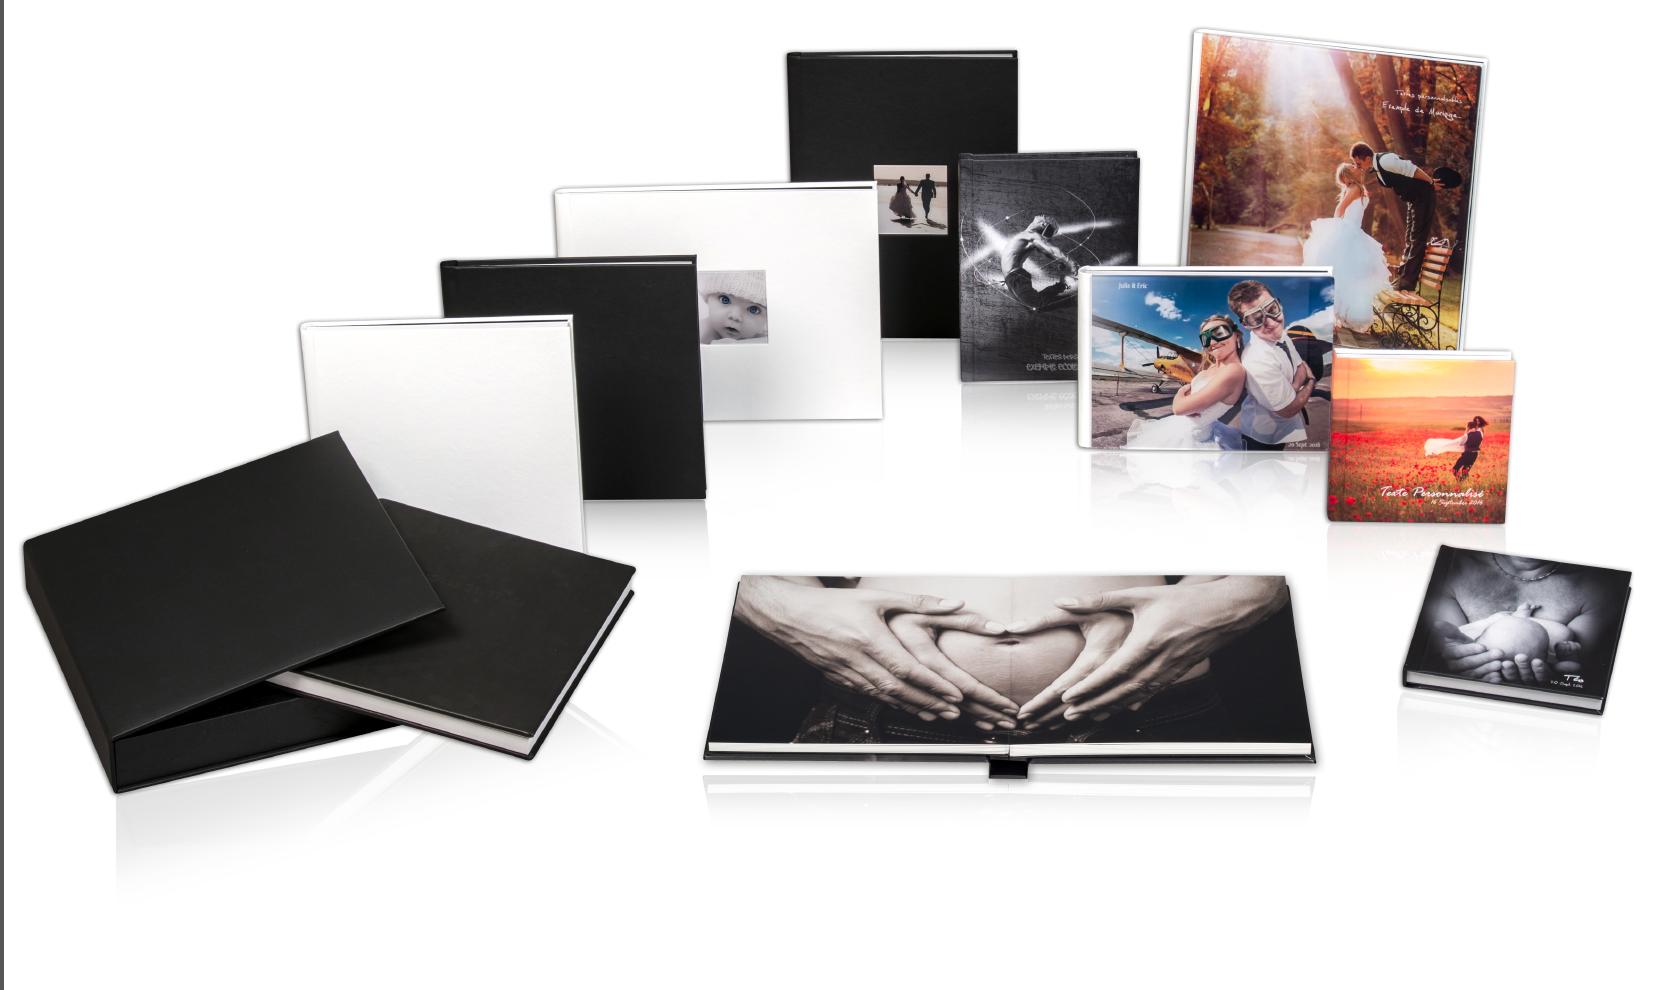 Les offres livres Laorida 2015 !